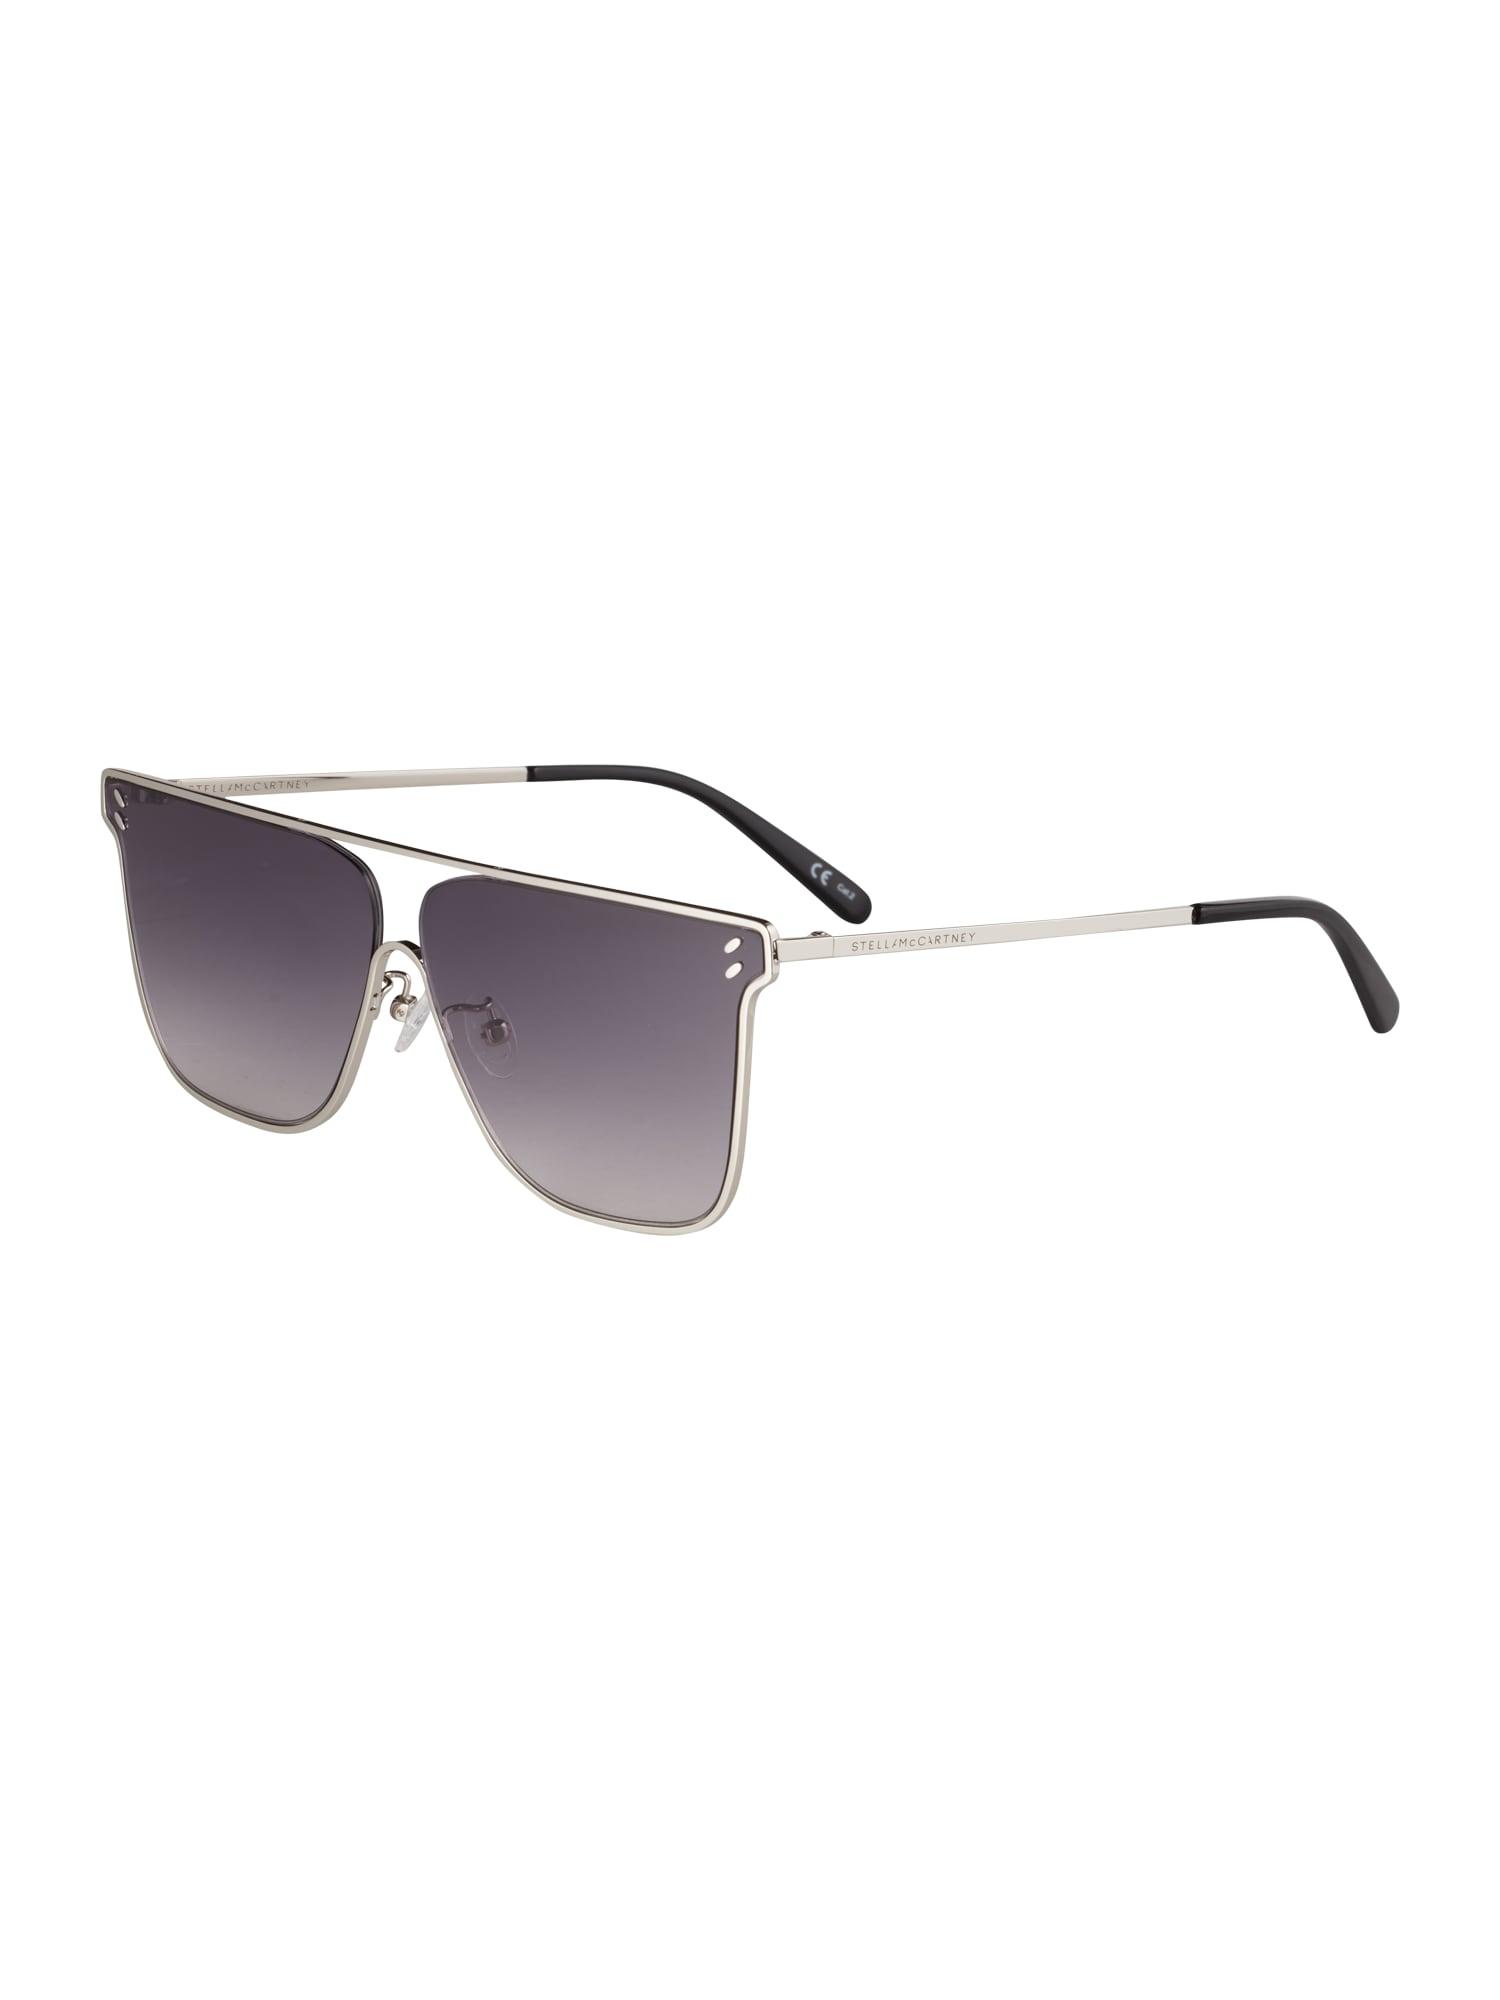 Stella McCartney Sluneční brýle 'SC0205S-001 64 Sunglass WOMAN METAL'  stříbrně šedá